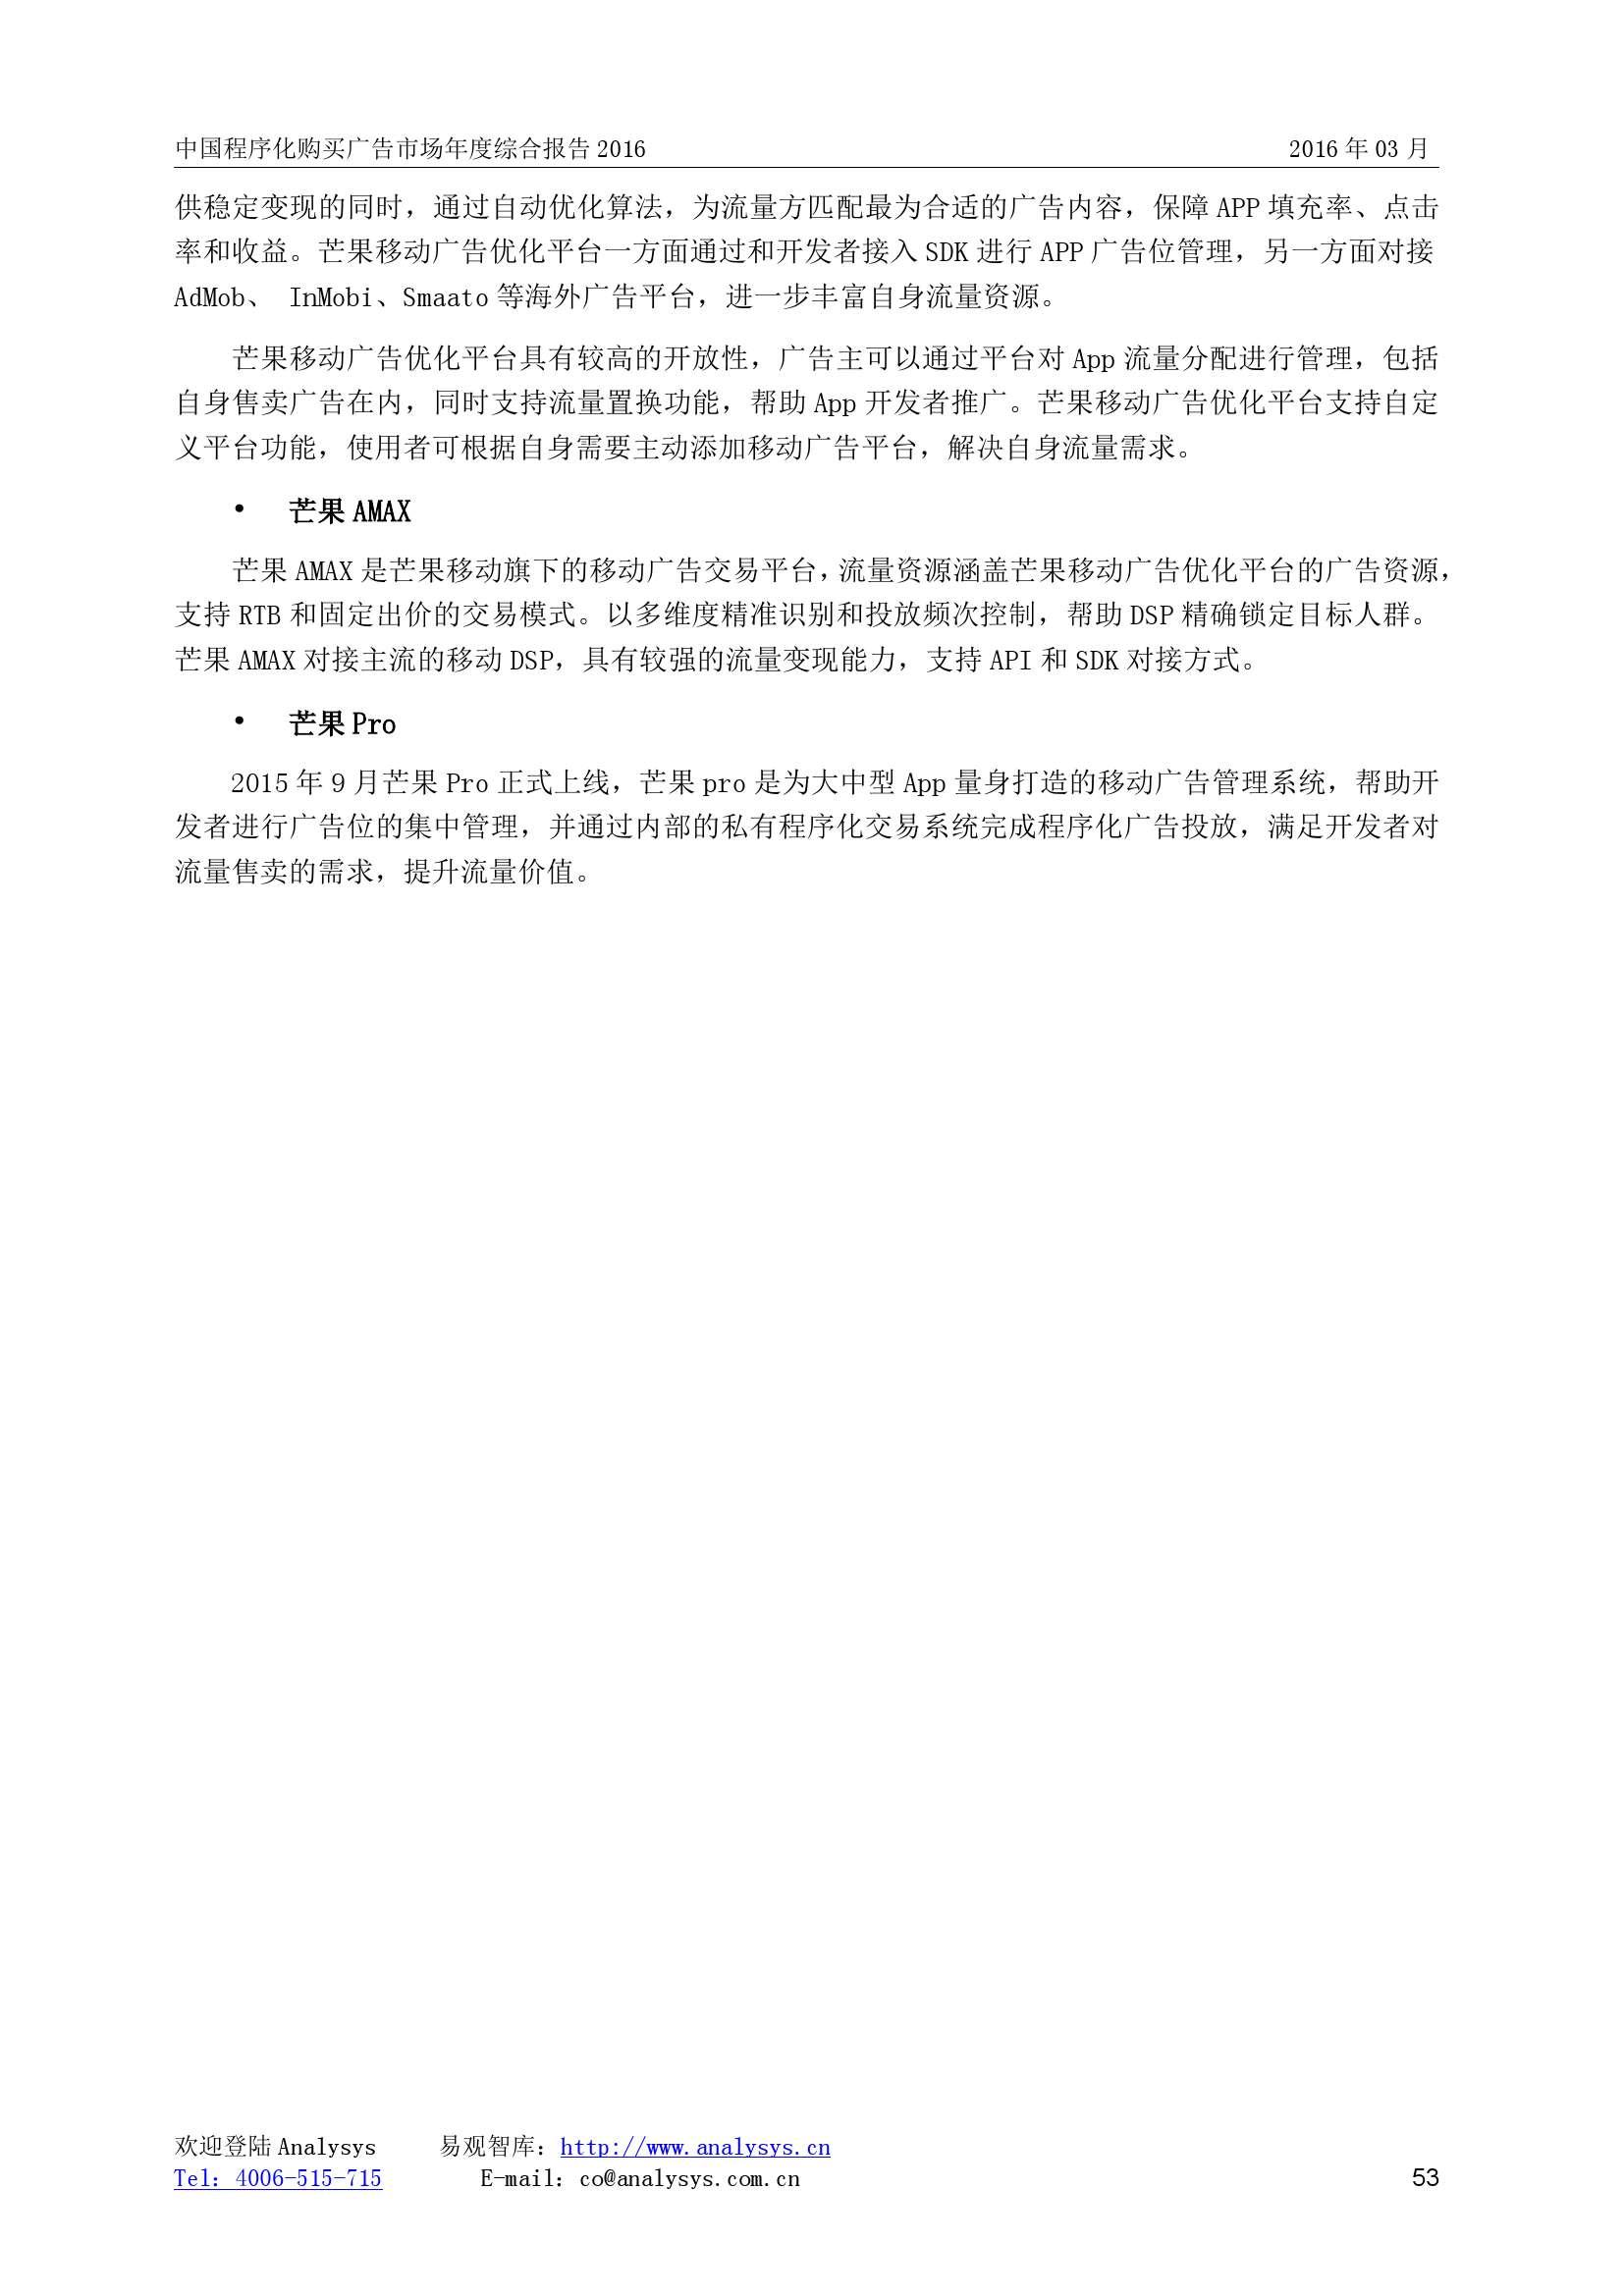 中国程序化购买广告市场年度综合报告2016_000053